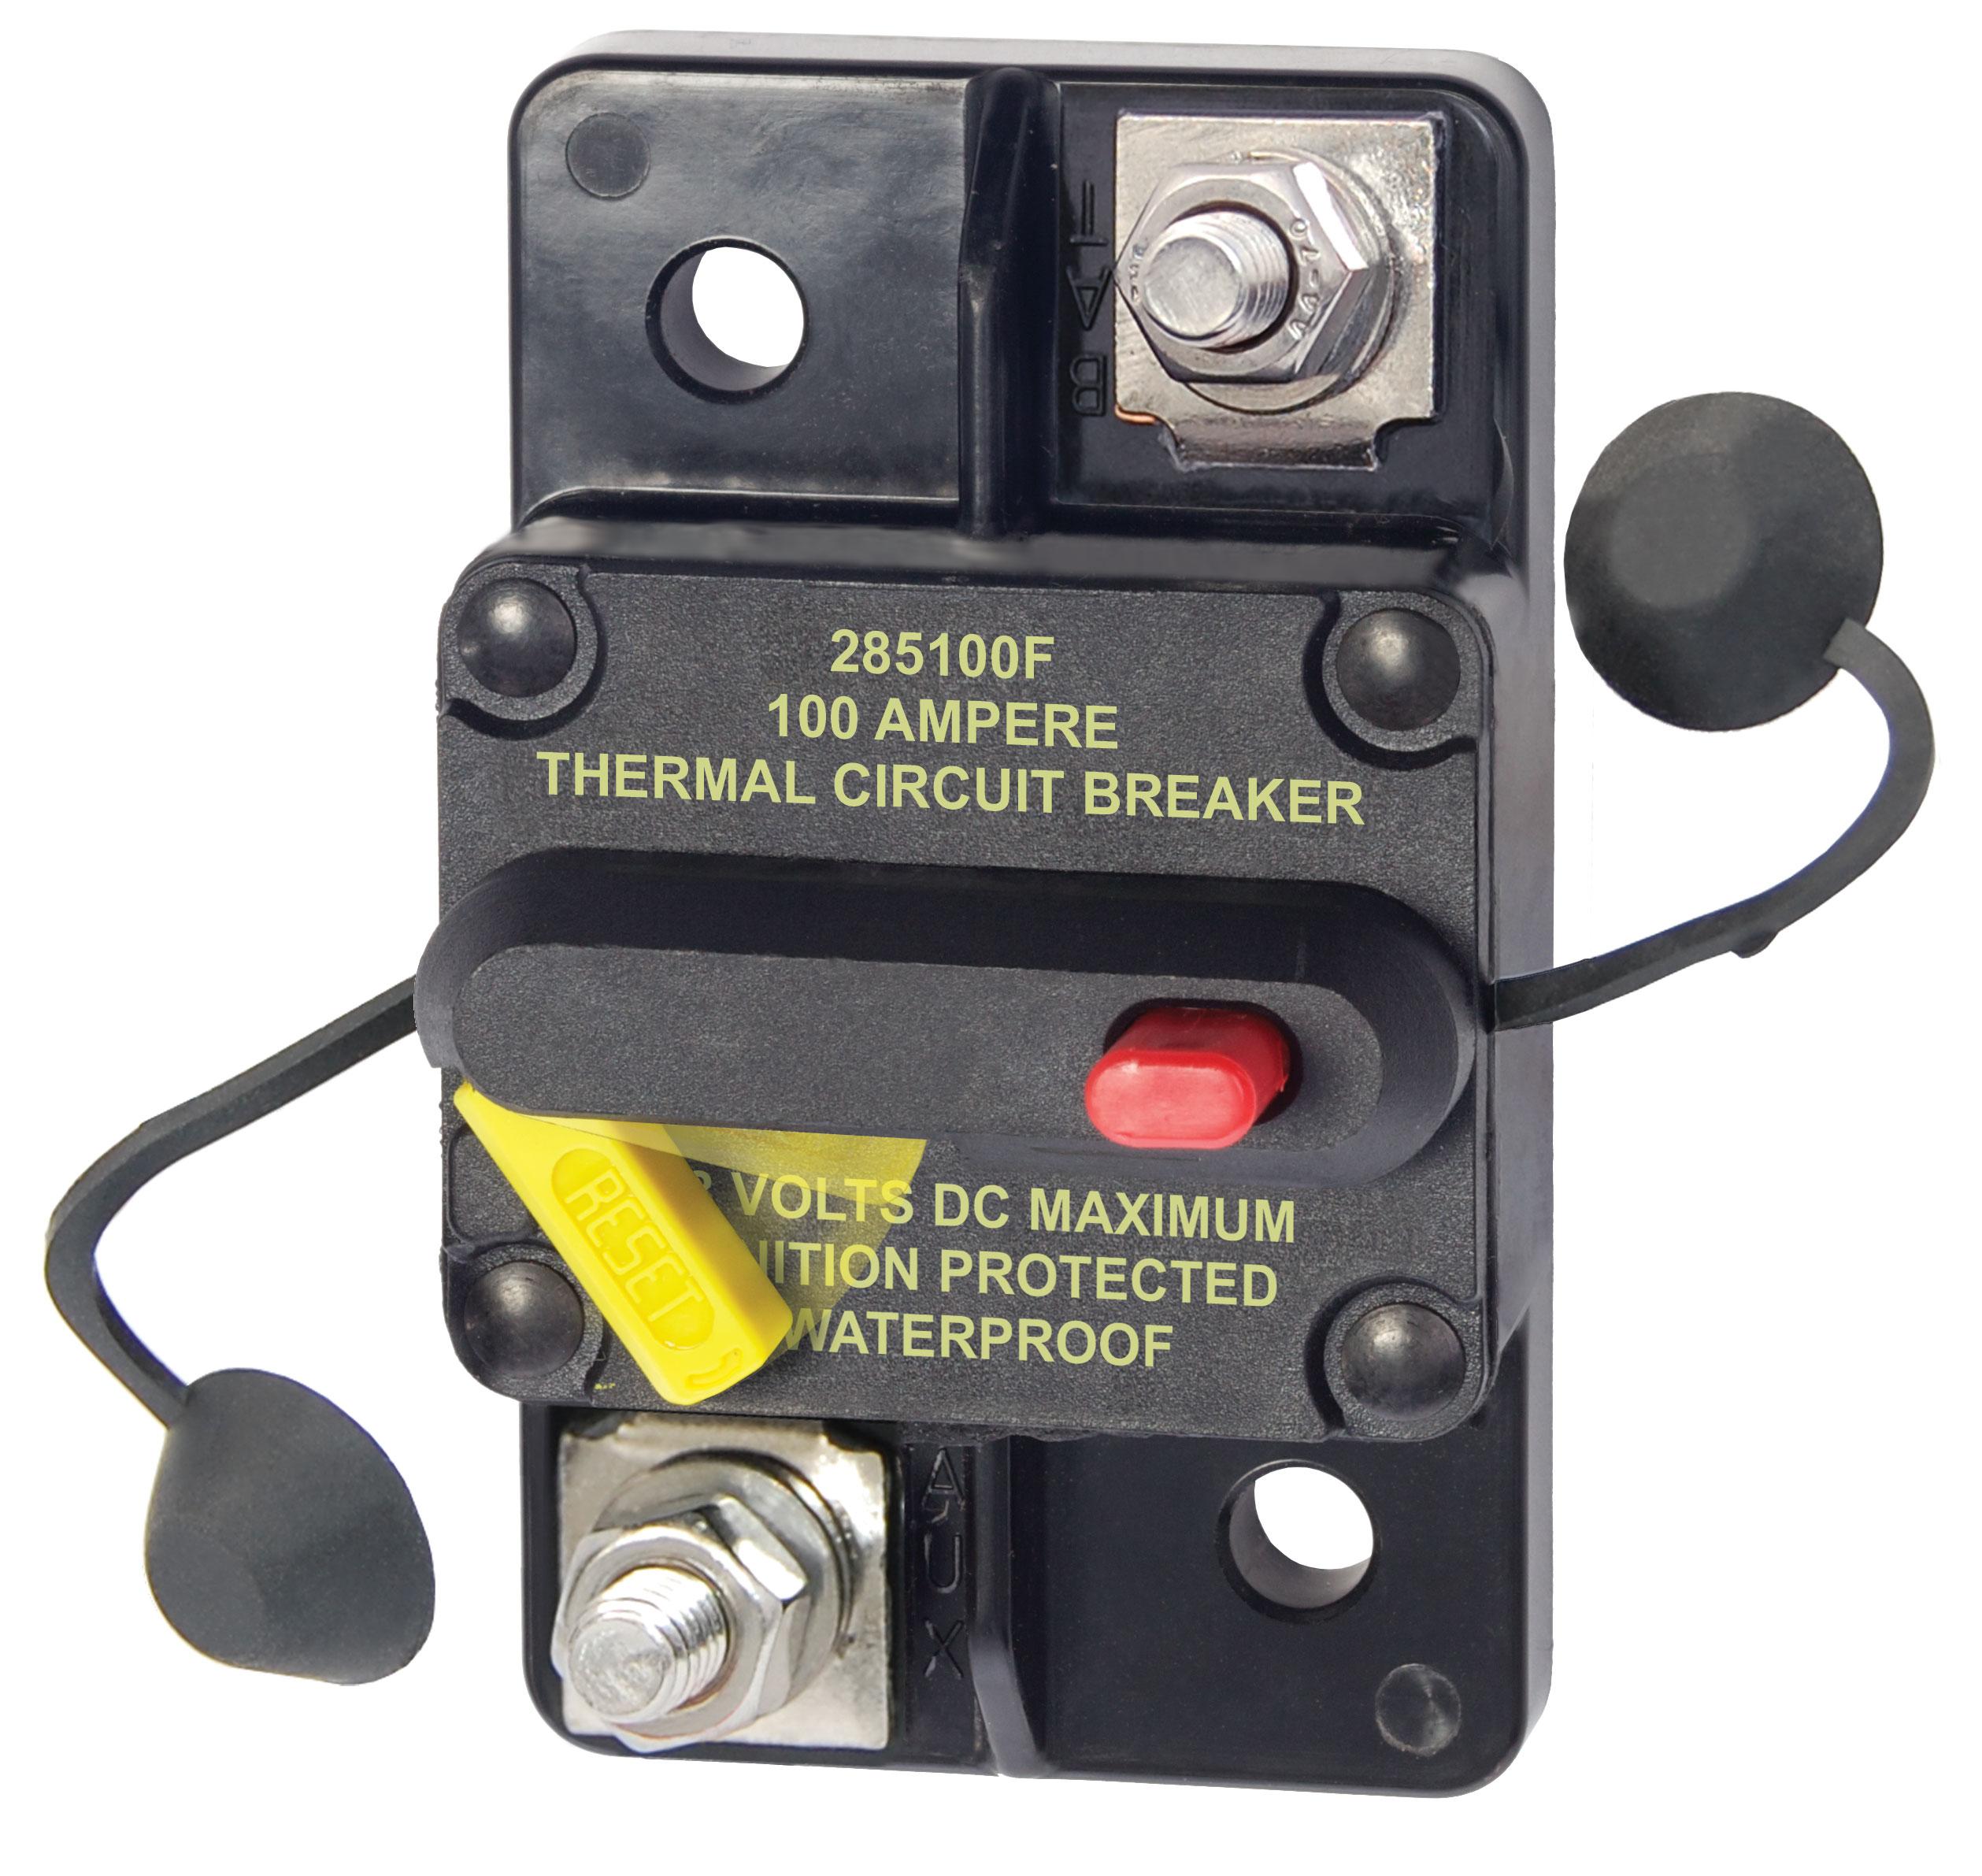 73.18 - Θερμική Ασφάλεια – Επιφανειακή Τοποθέτηση 100Α 48V DC